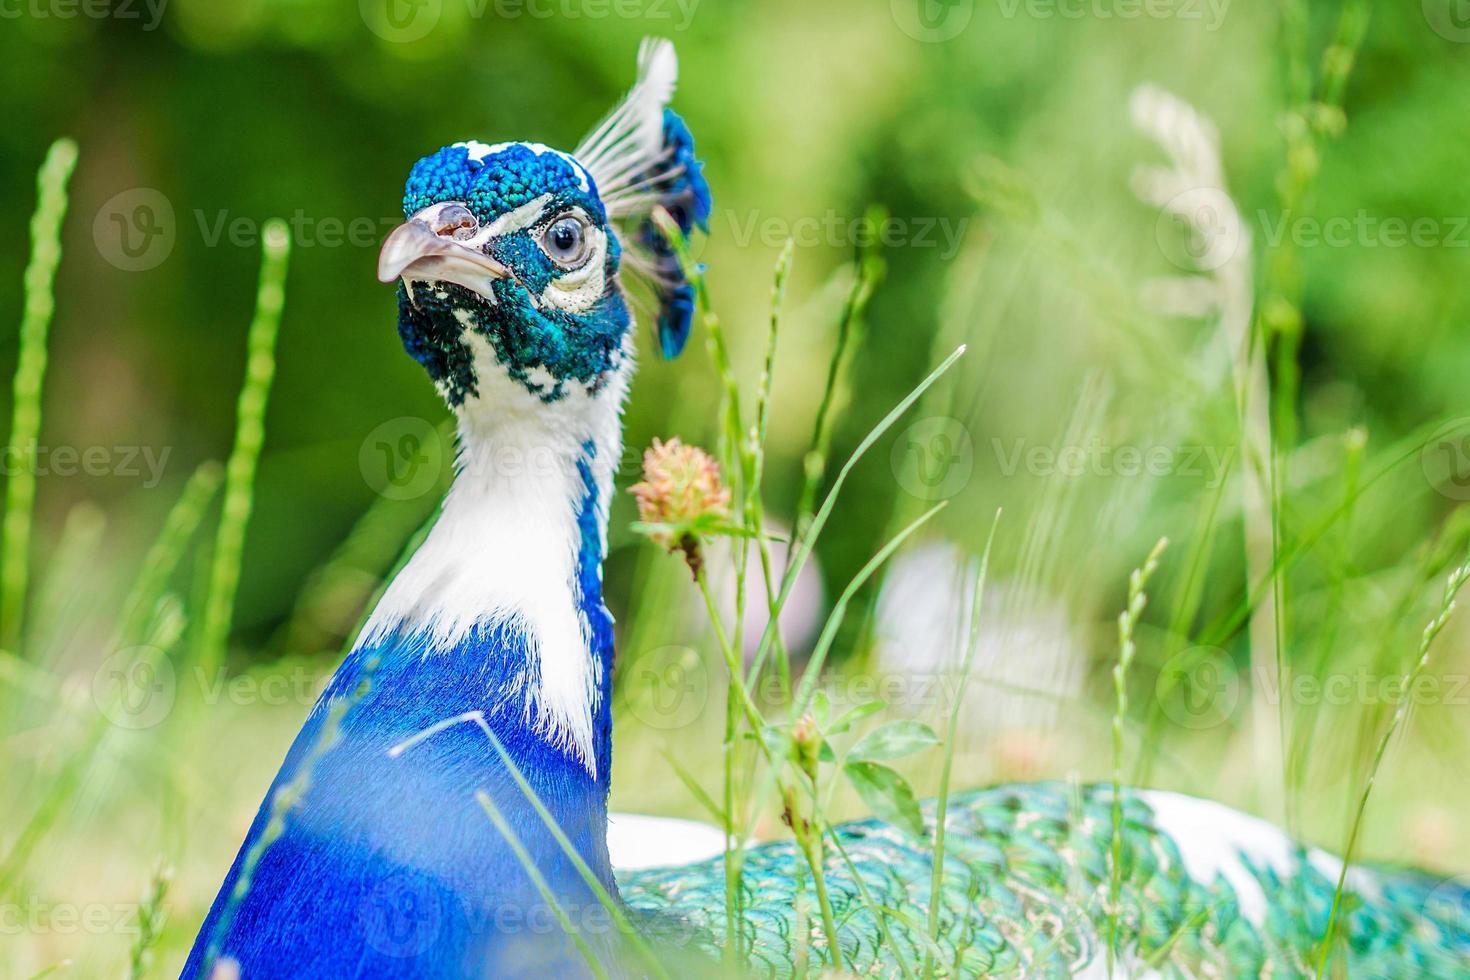 pavão azul deitado na grama verde em um parque foto